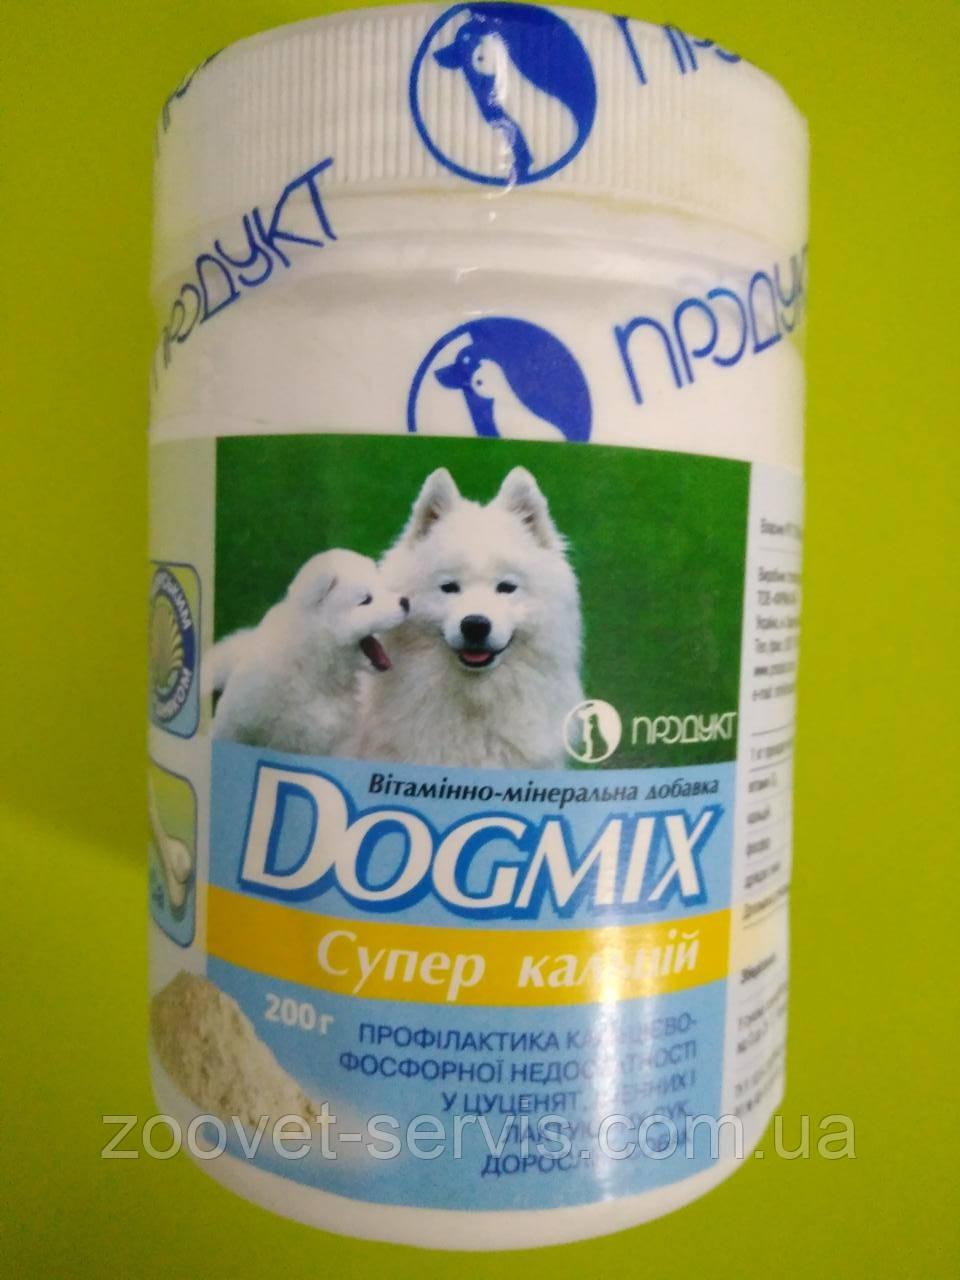 Витаминно-минеральная добавка Догмикс (Dogmix)cупер кальций